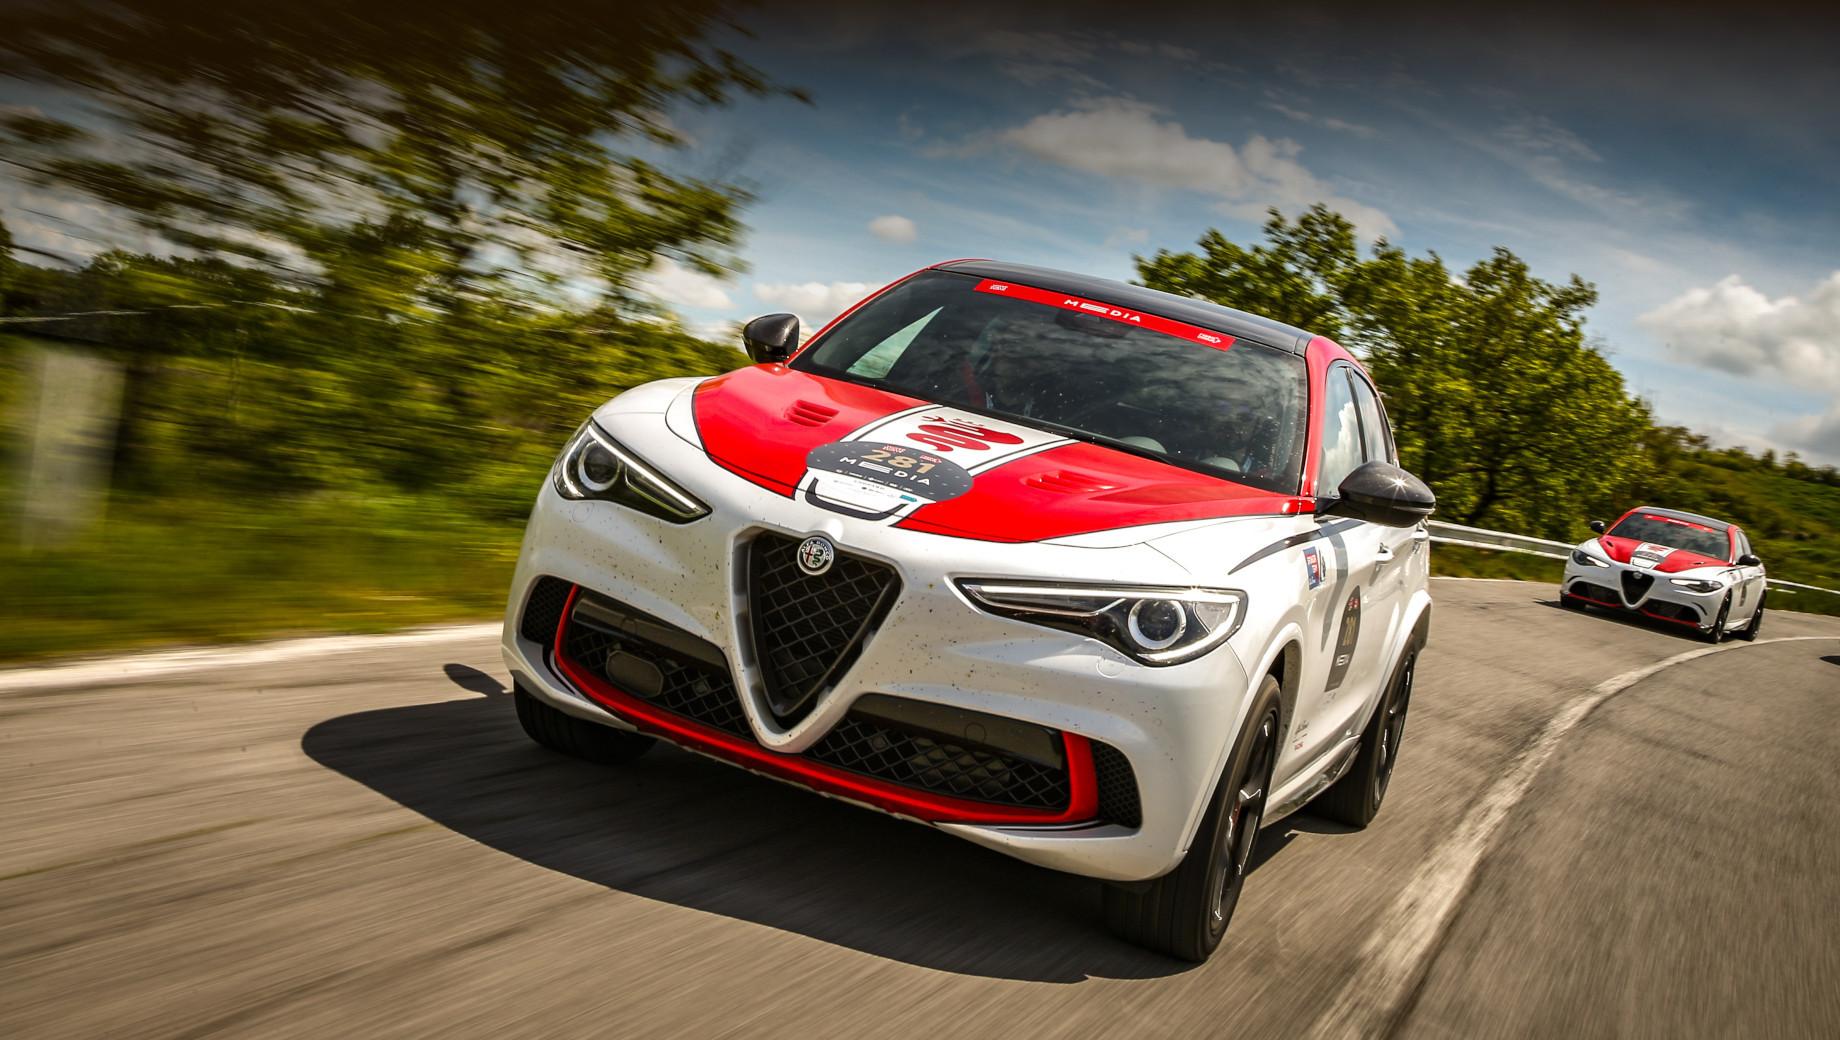 Alfaromeo stelvio. В отсутствие GTA самым мощным Stelvio останется лимитированный 520-сильный (600 Н•м) Stelvio Alfa Romeo Racing Edition (на фото), а среди обычных серийных — 510-сильный Quadrifoglio.